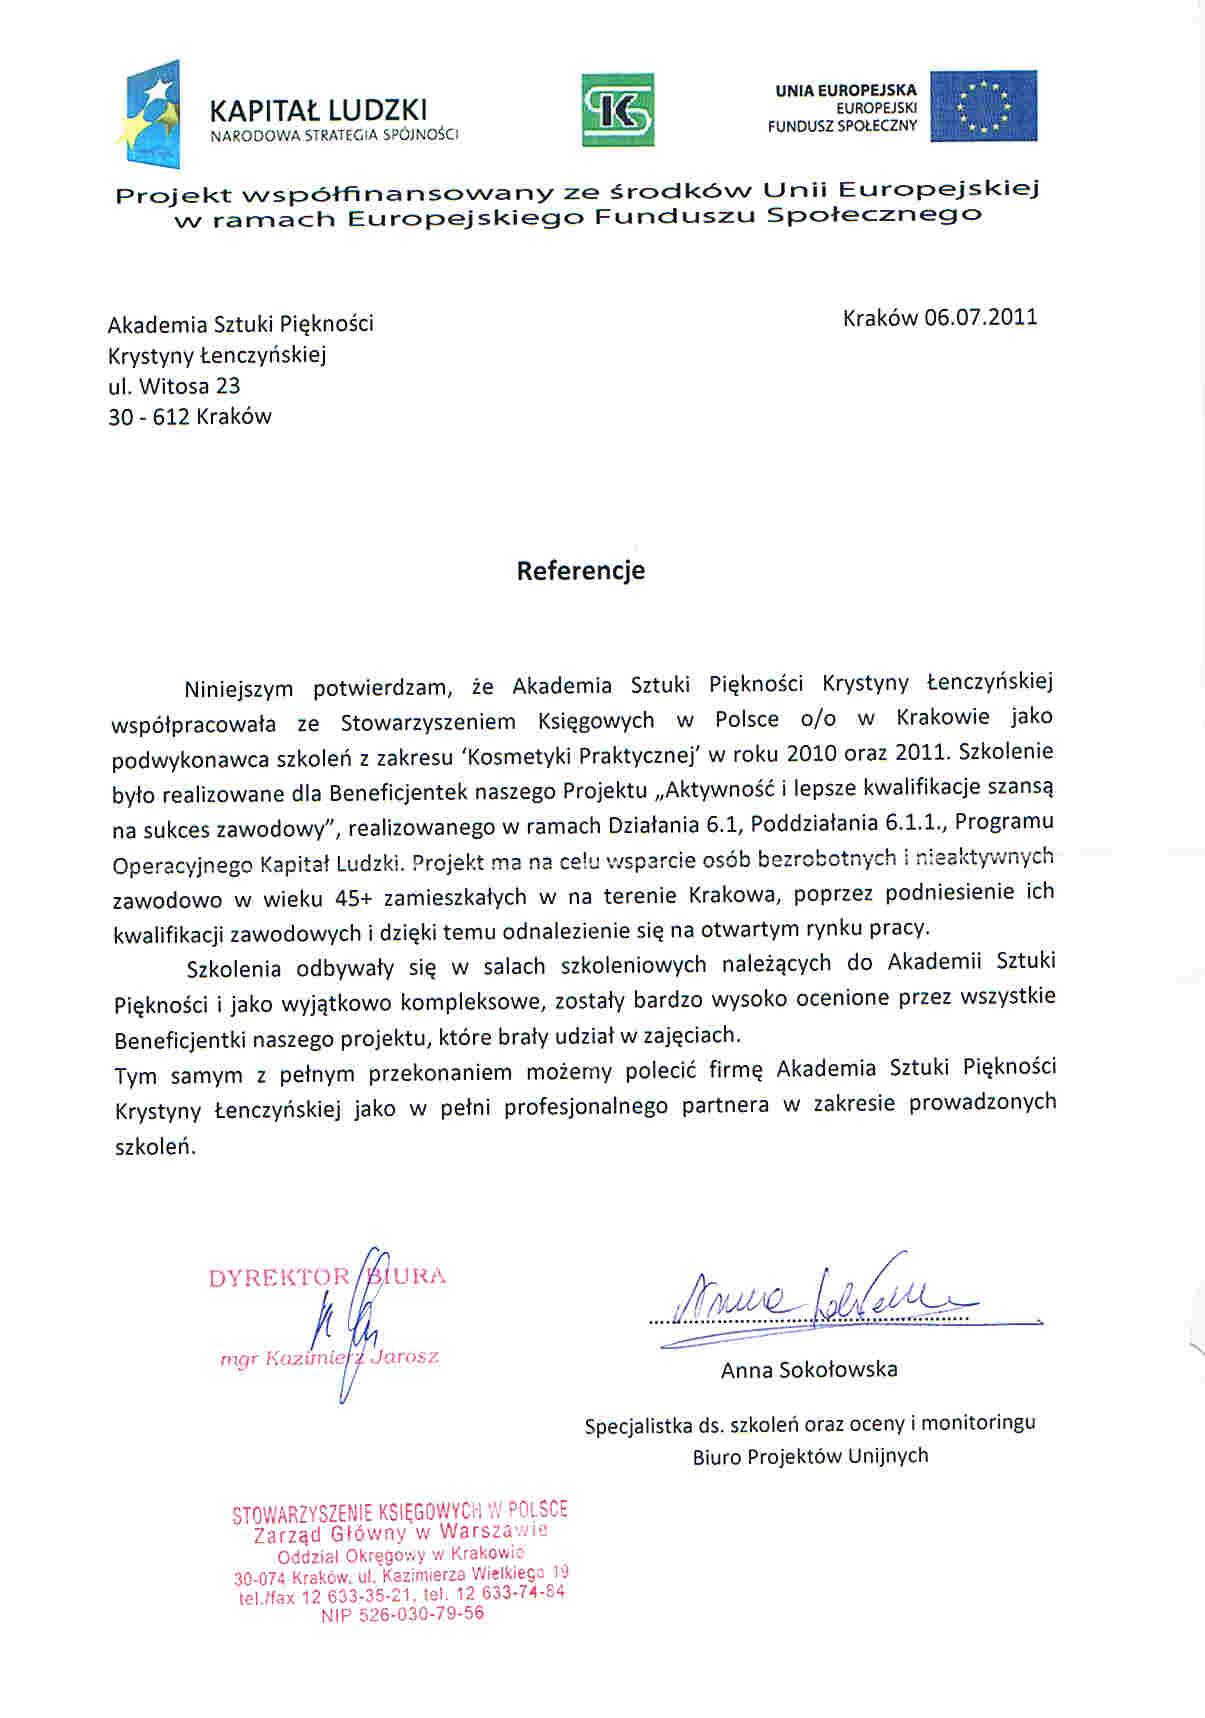 Stowarzyszenie Księgowych w Polsce oddziałów Krakowie-Kraków